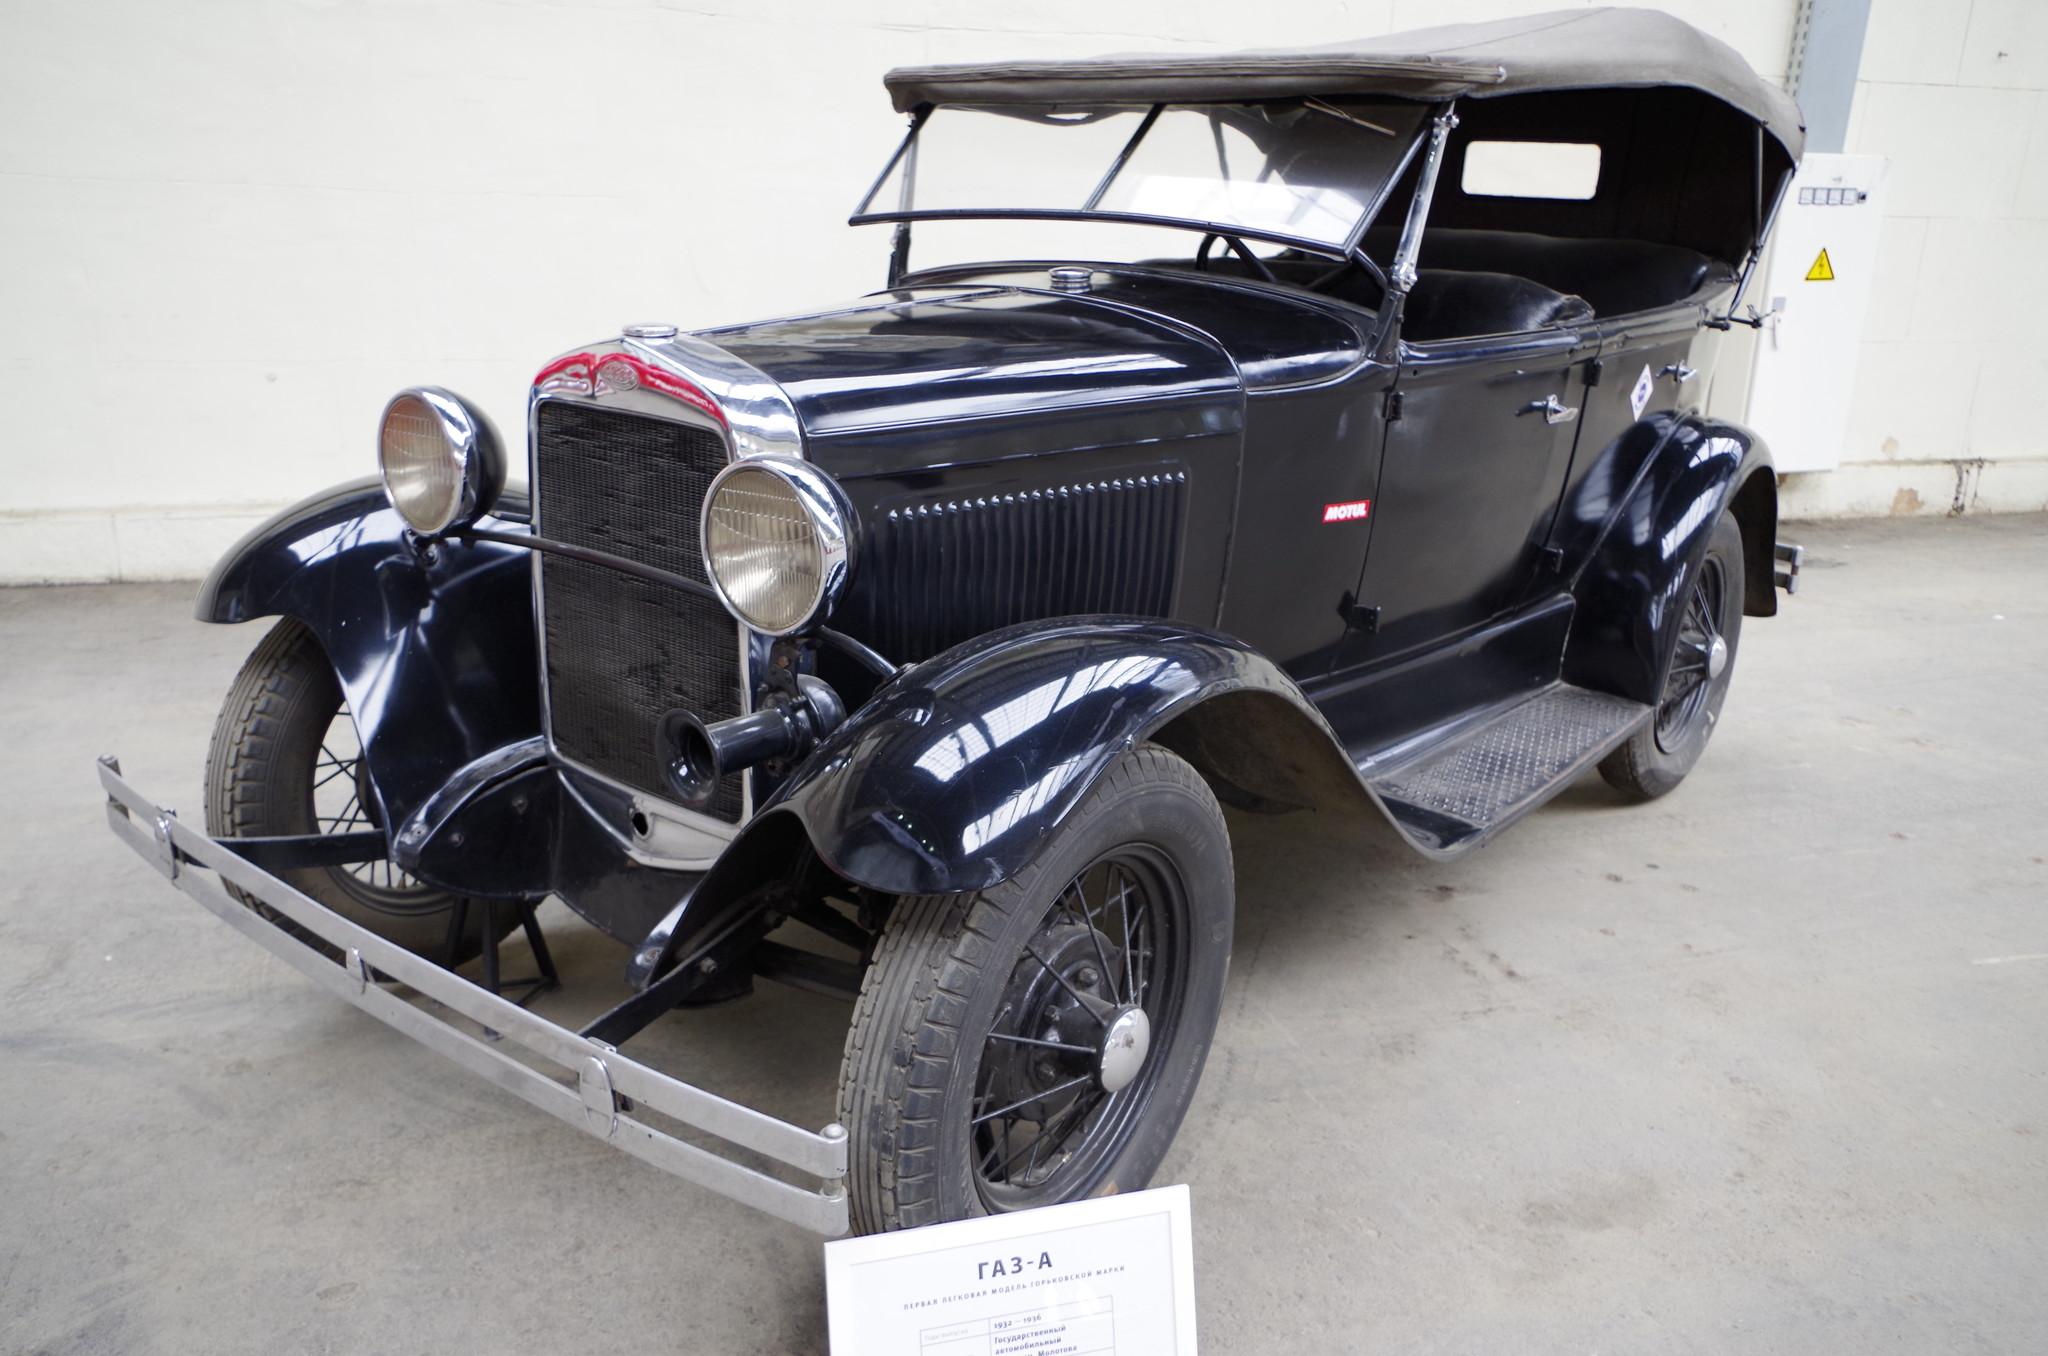 ГАЗ-А был самым массовым штабным автомобилем Красной Армии 1930-х годов